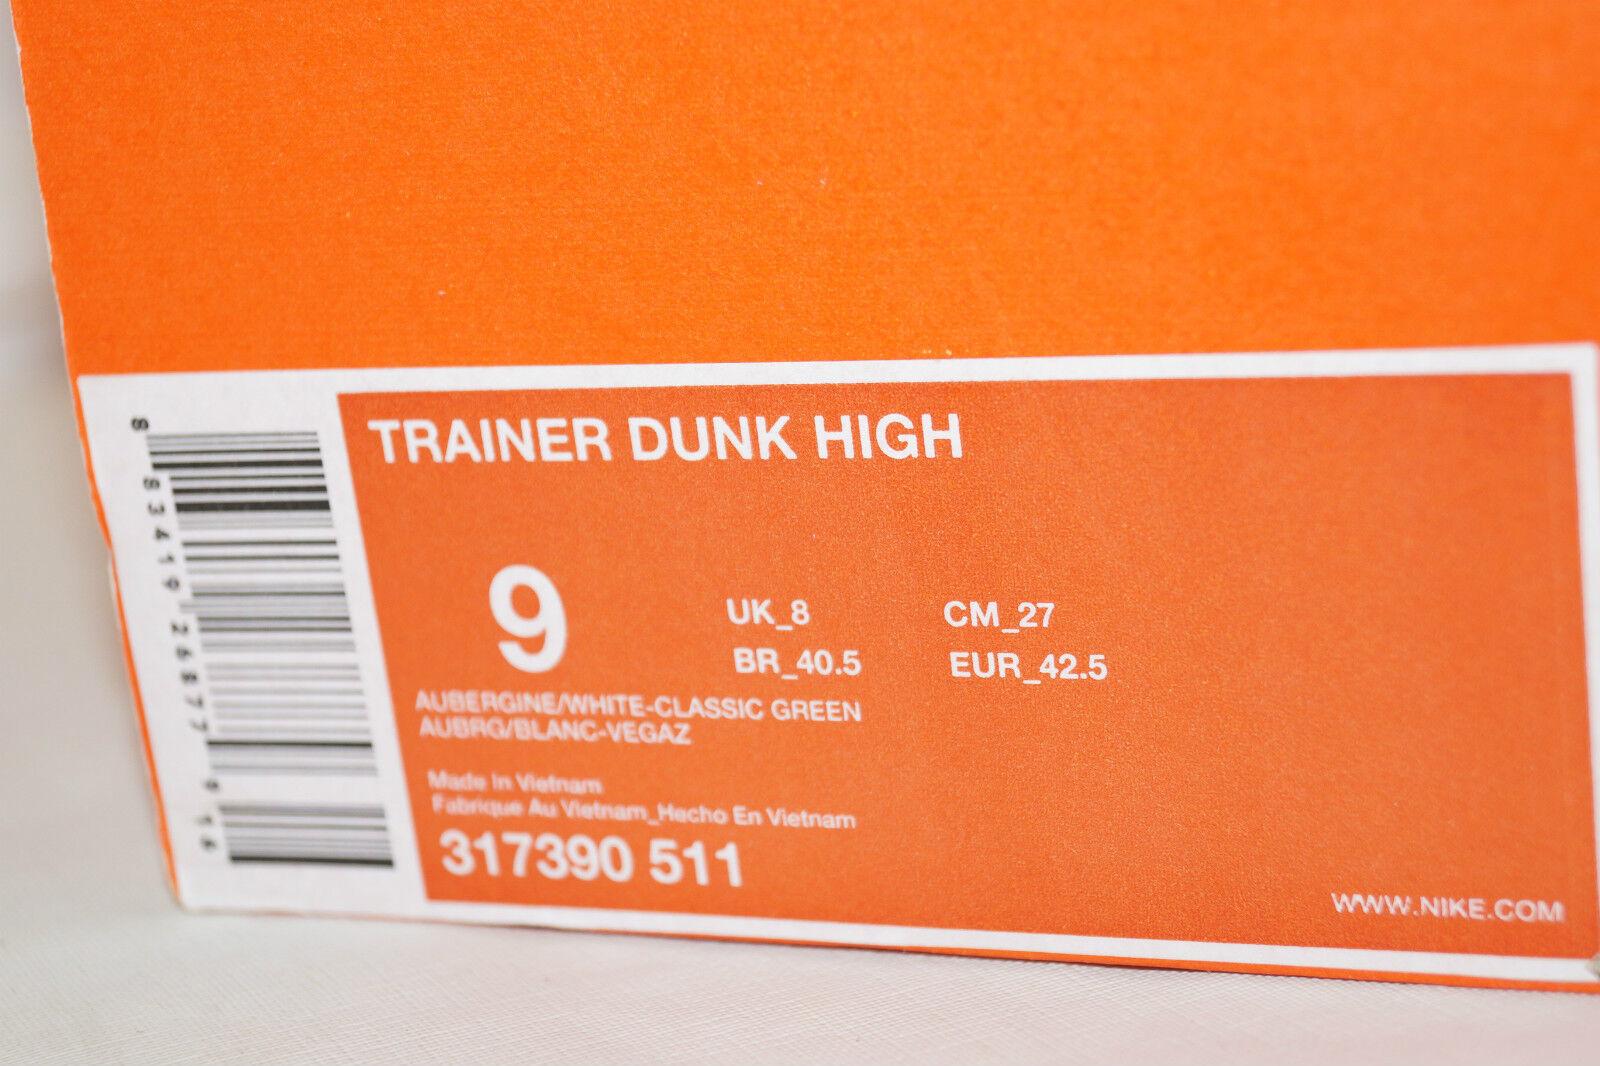 NIKE UK.8 Free Trainer DUNK high 2007 Gr.42,5 UK.8 NIKE aubergine 317390 511 hybrid 6c5a8c